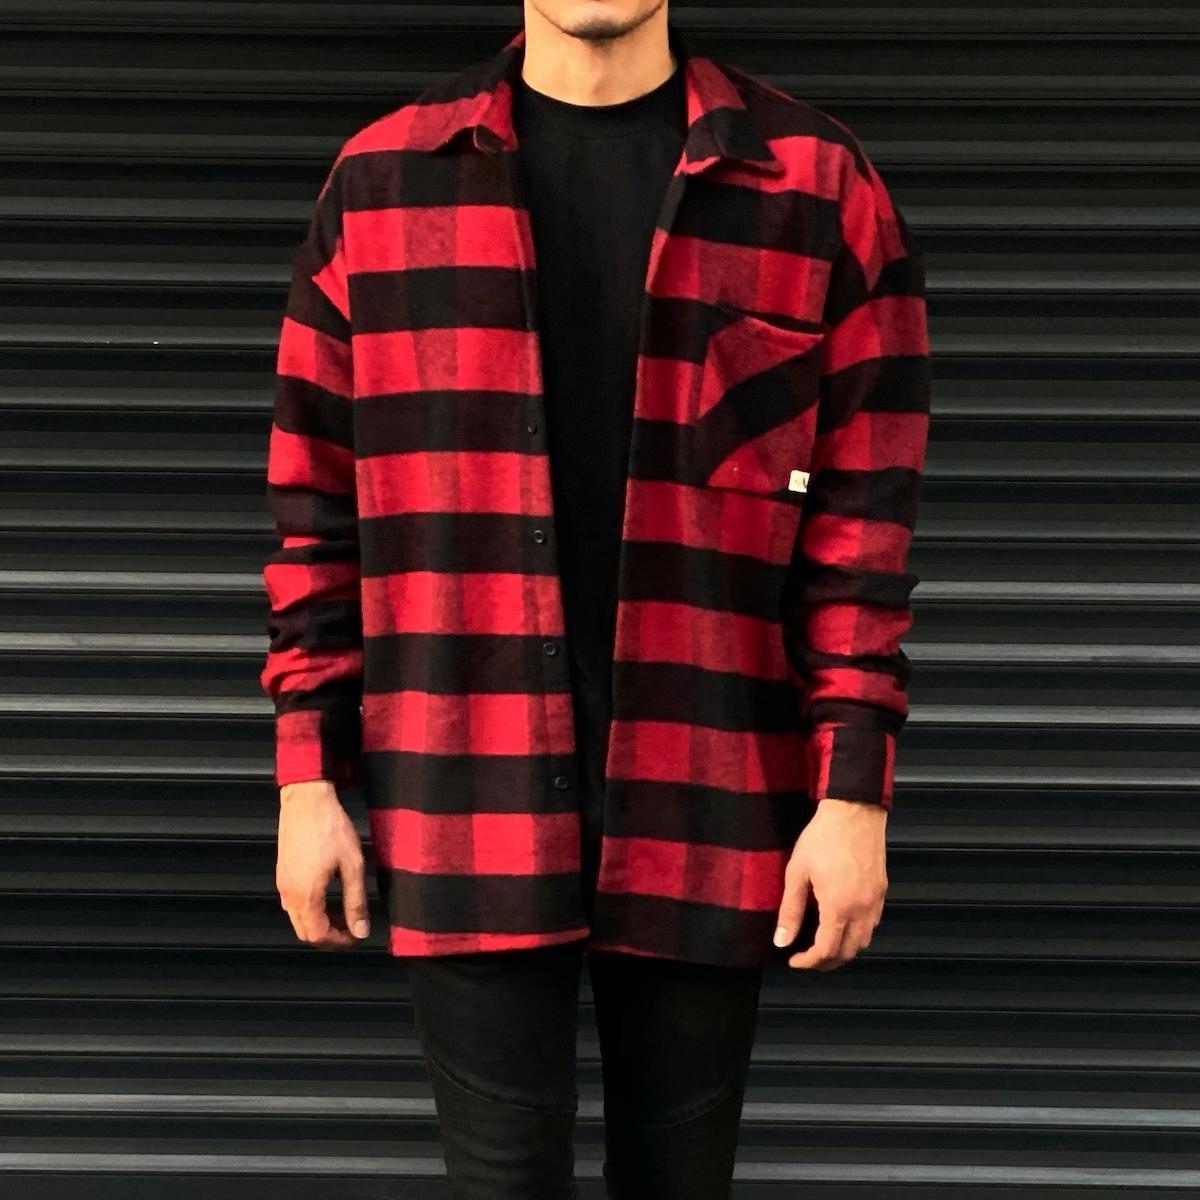 Erkek Ekoseli Siyah Kırmızı Kareli Oversize Gömlek